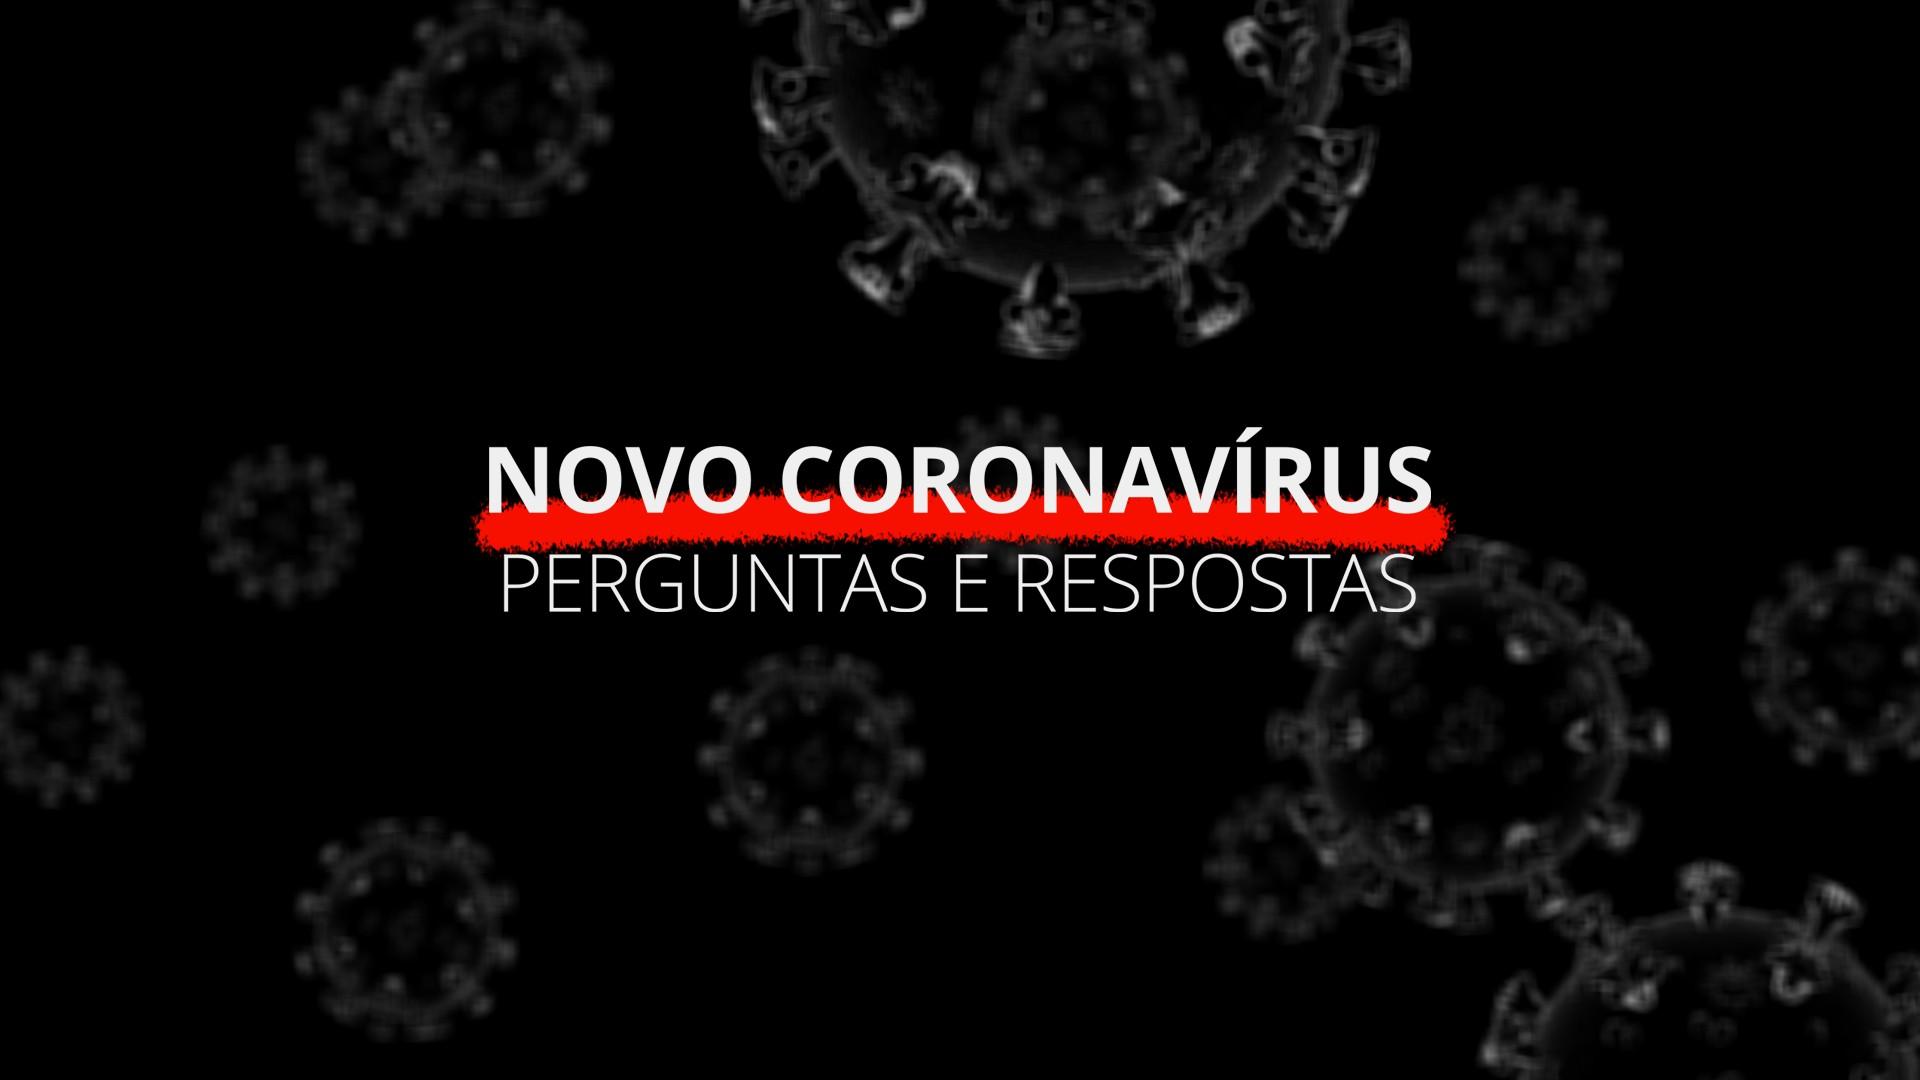 Pessoa que mora com infectado pode não ser contaminada